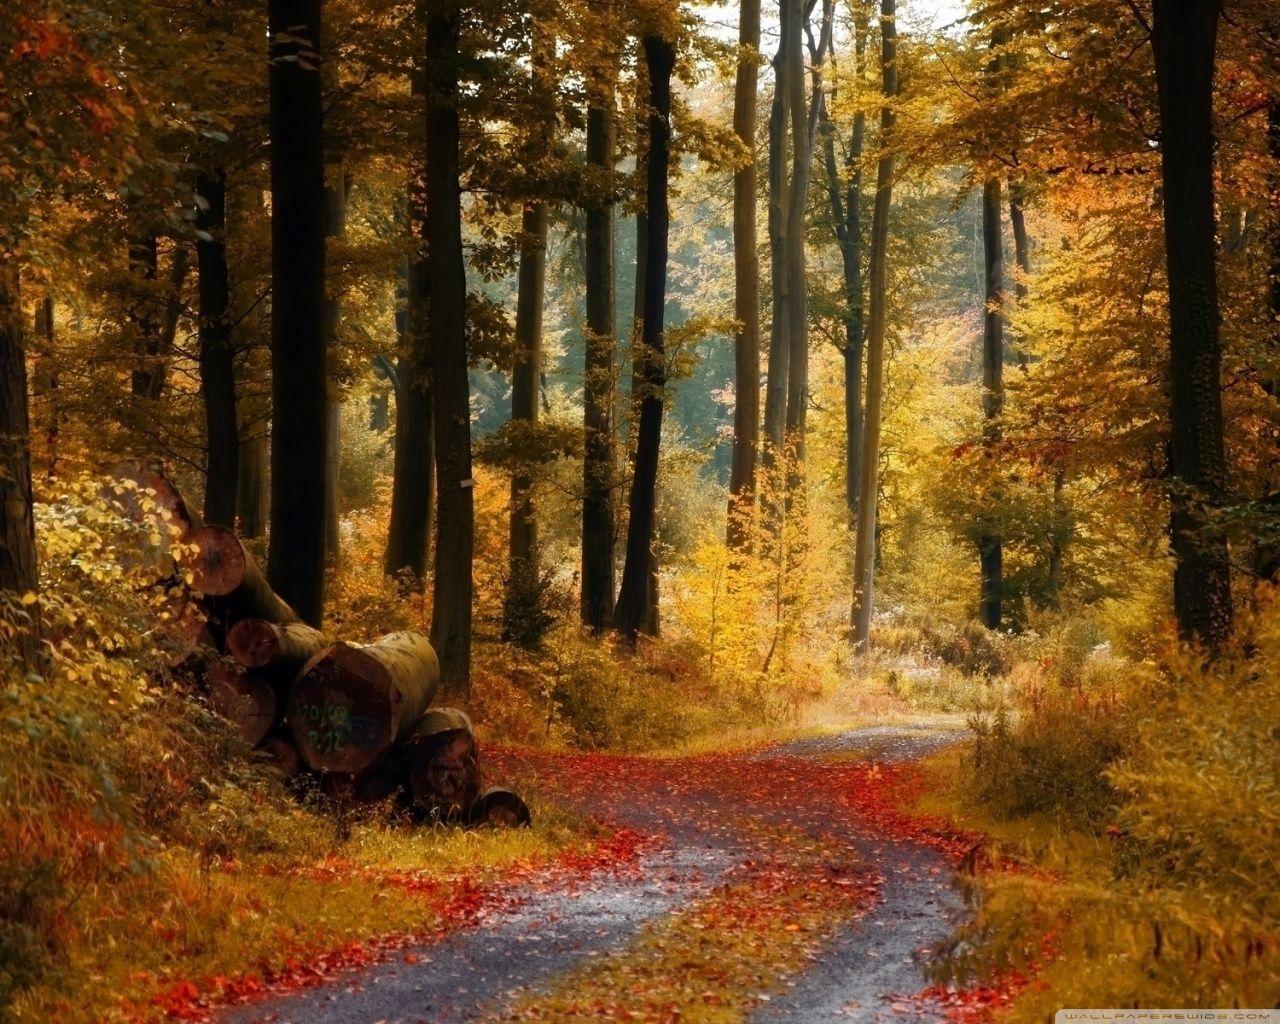 Autumn [19]